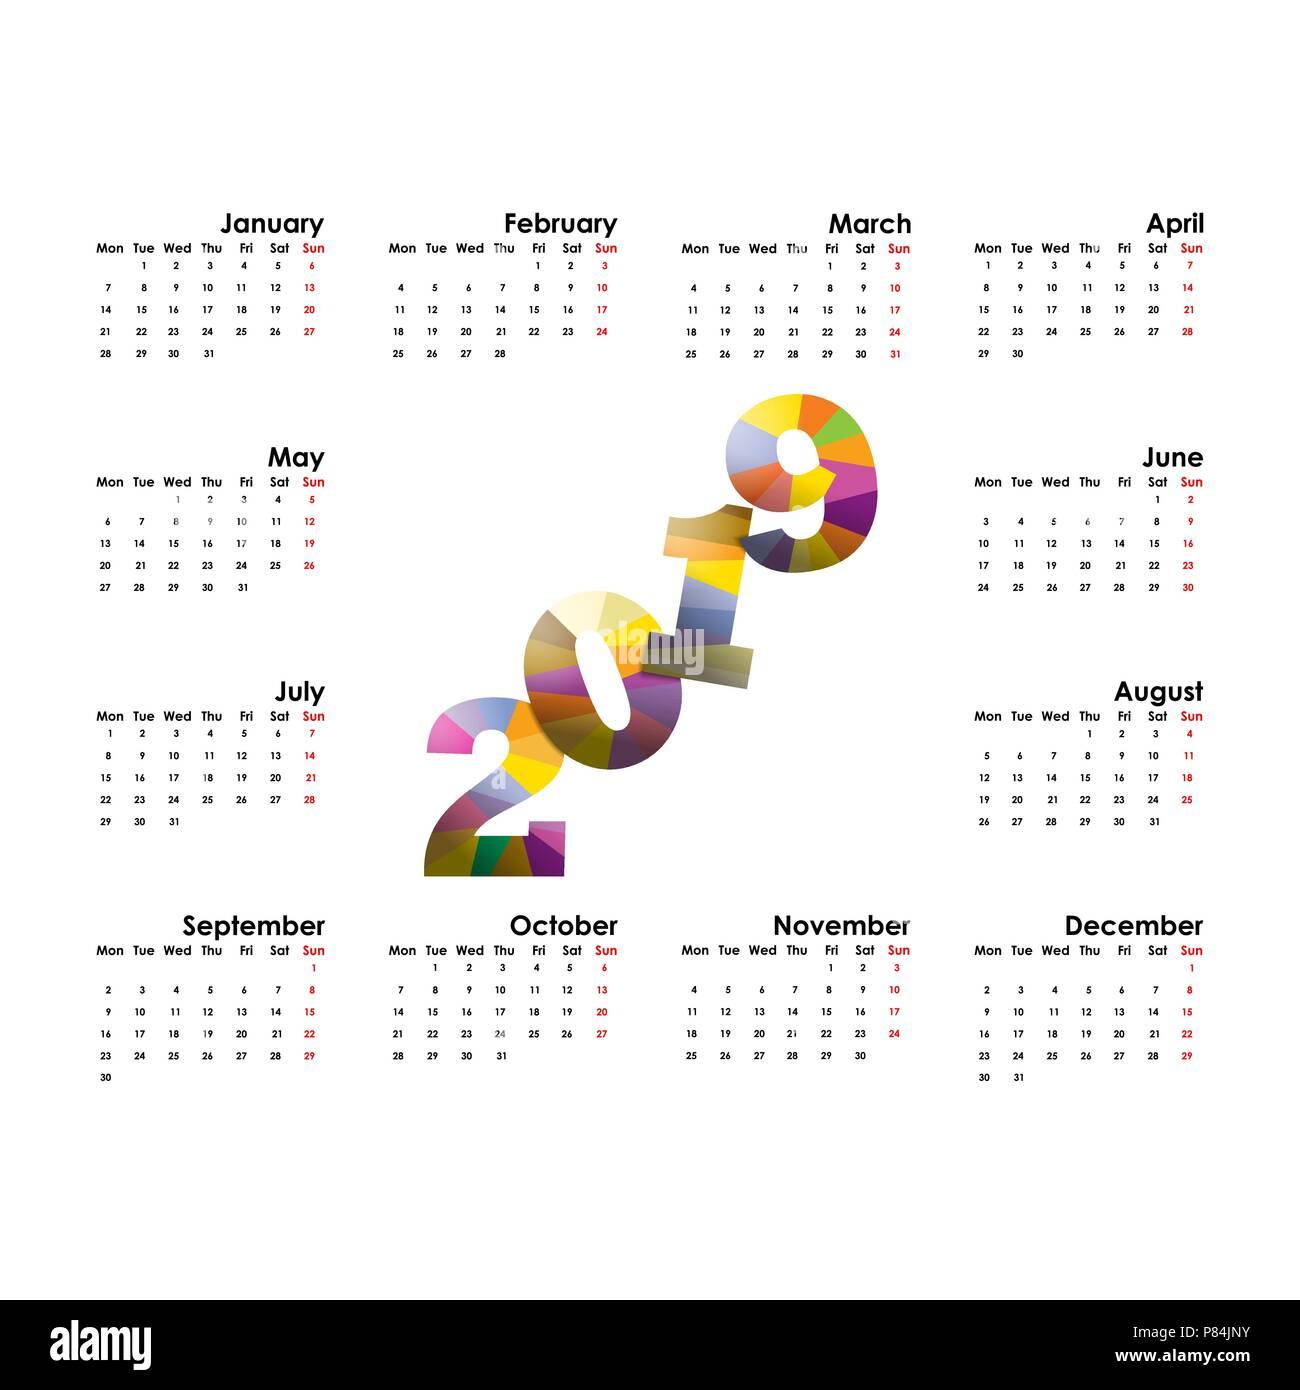 Calendar Templates Graphic Design : Calendar template starts monday yearly calendar vector design